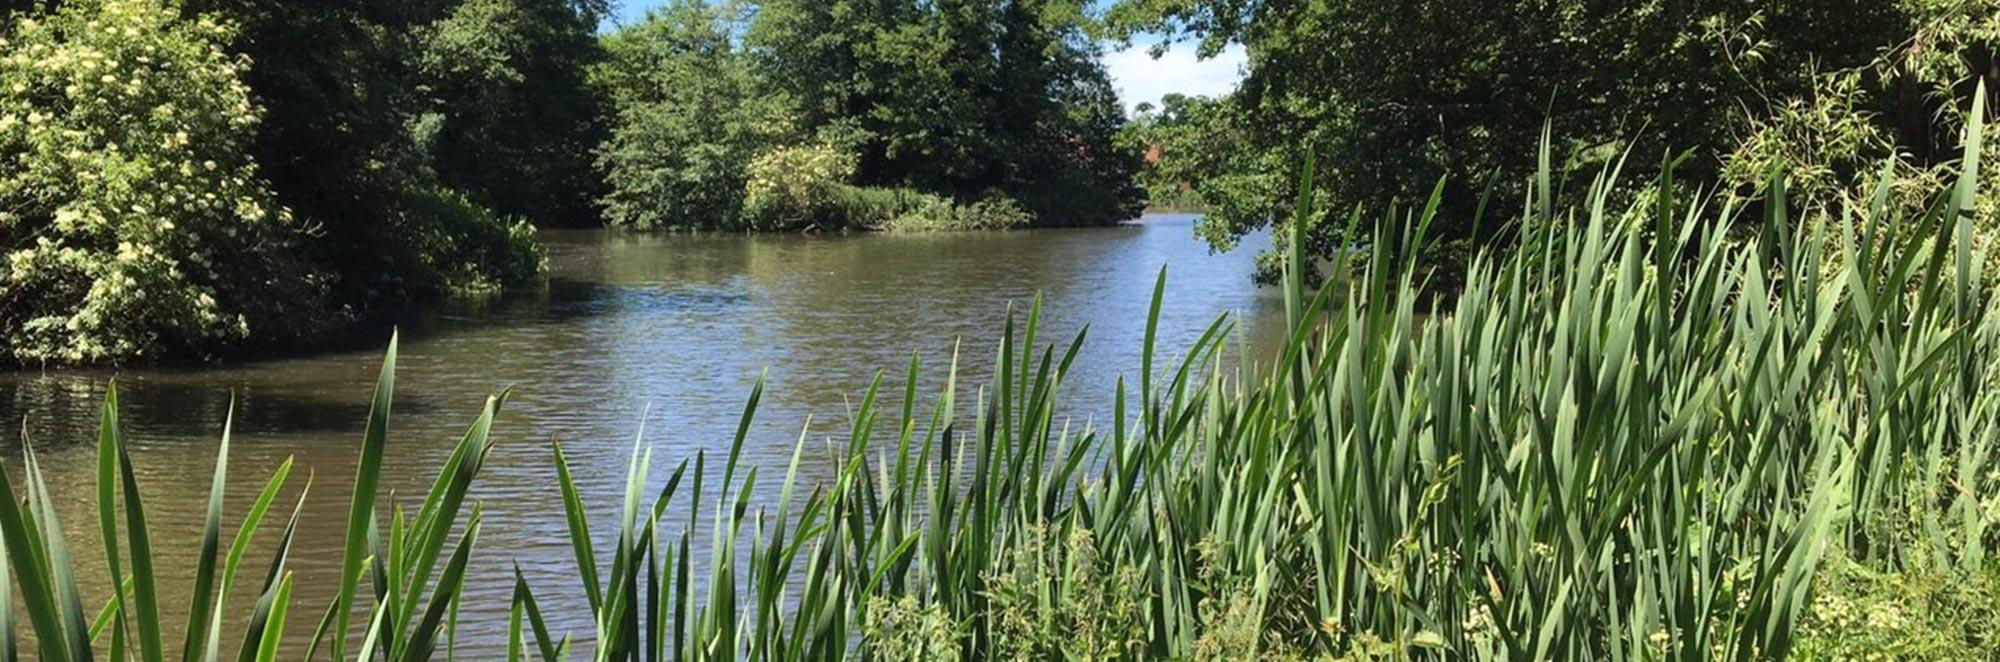 Flanchford Farm House & Lakes